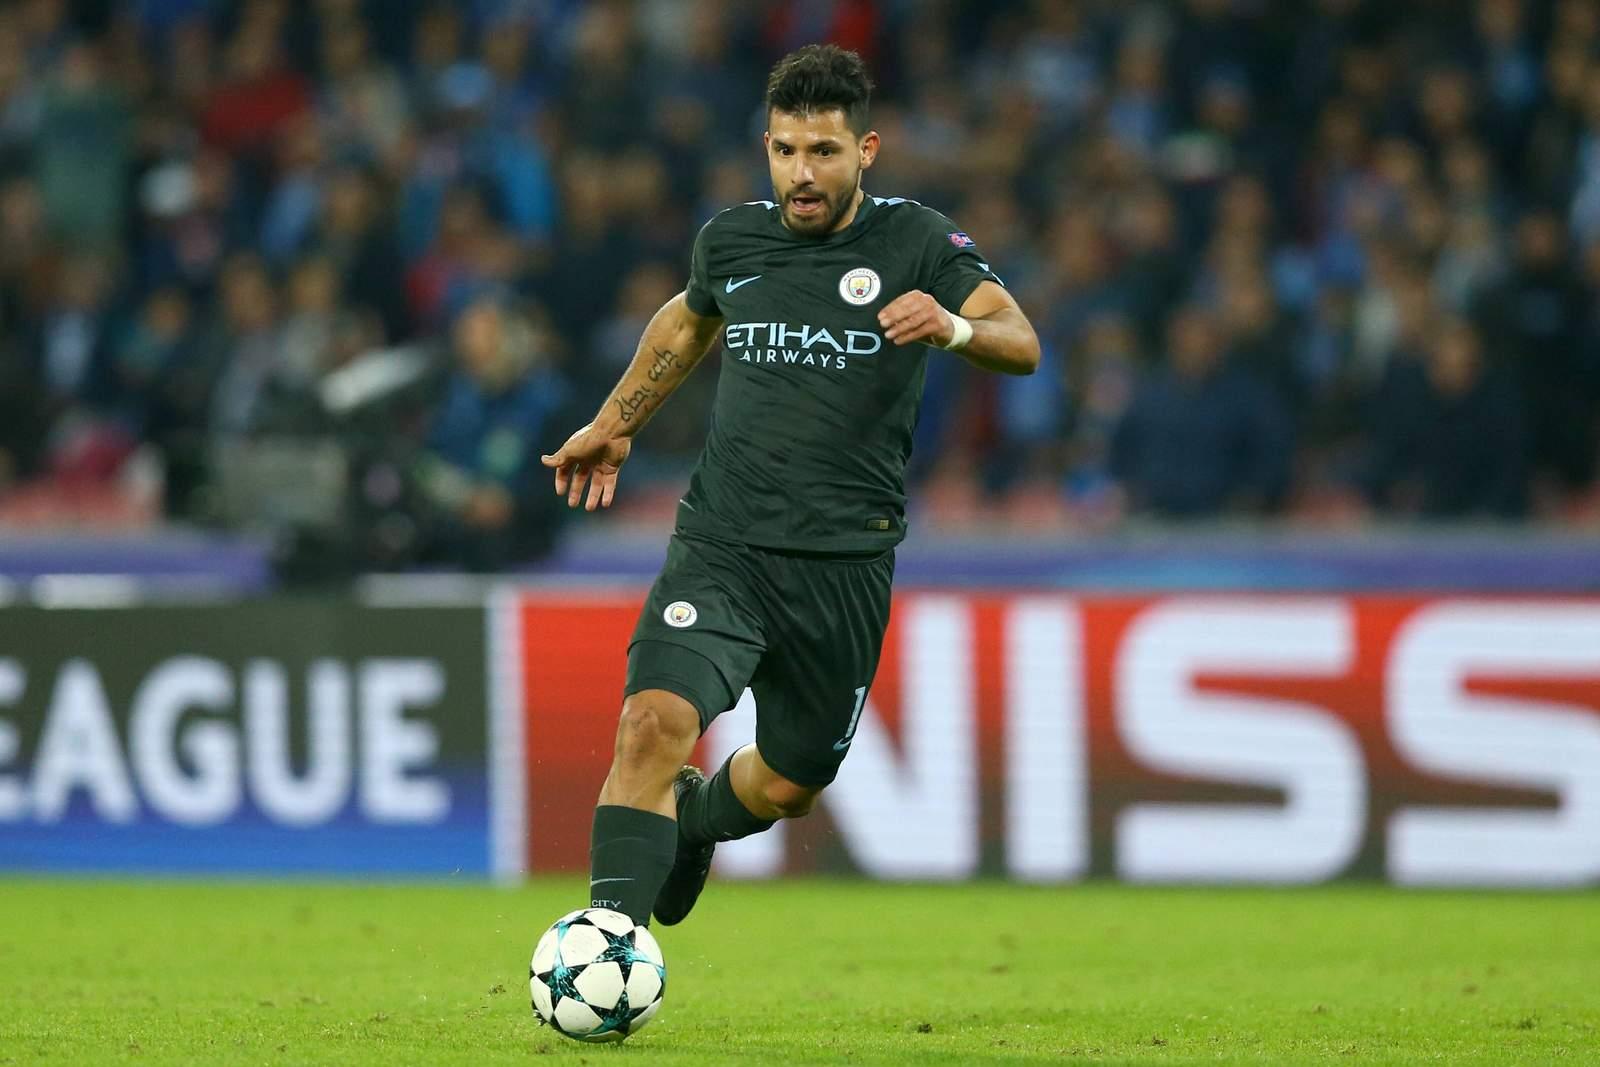 Trifft Agüero wieder? Jetzt auf Basel gegen Man City wetten